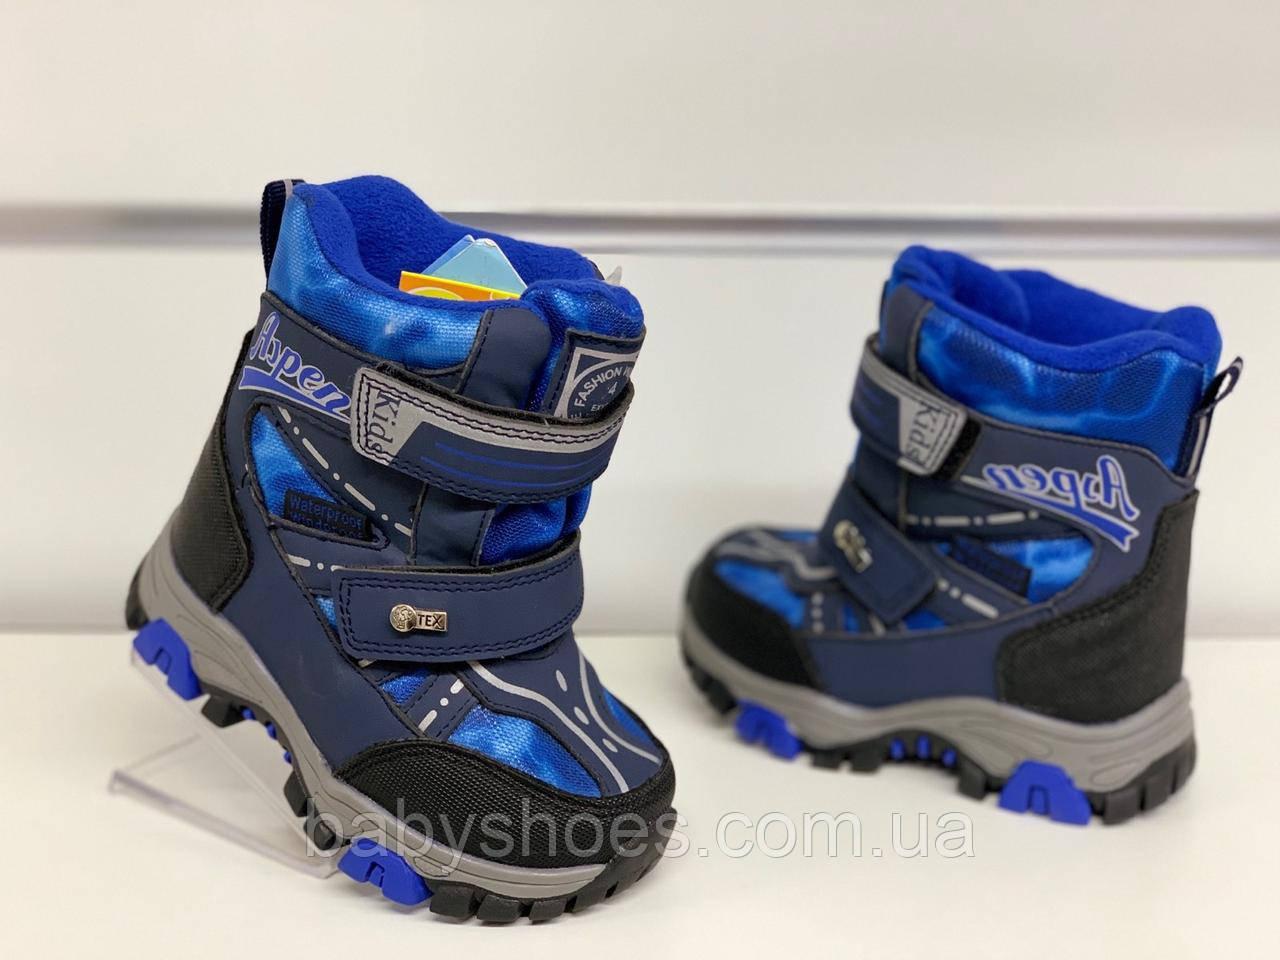 Зимние термо-ботинки, сноубутсы для мальчика Tom.m  р.23-26